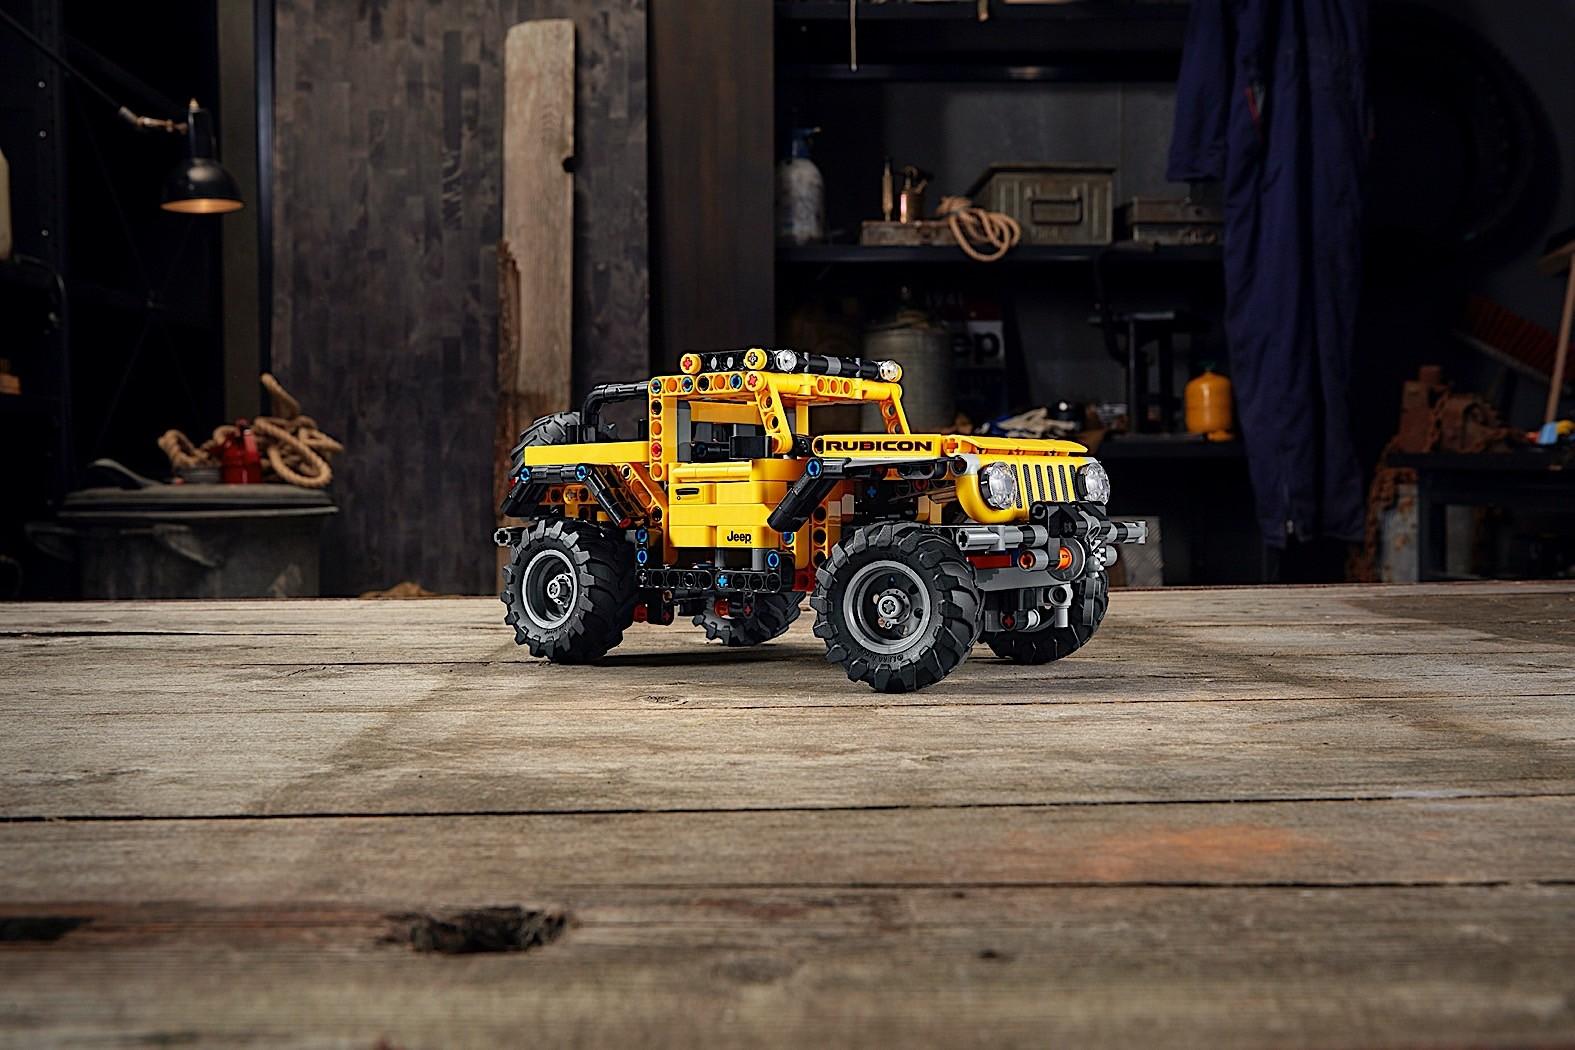 Lego-Technic-Jeep-Wrangler-Rubicon-2